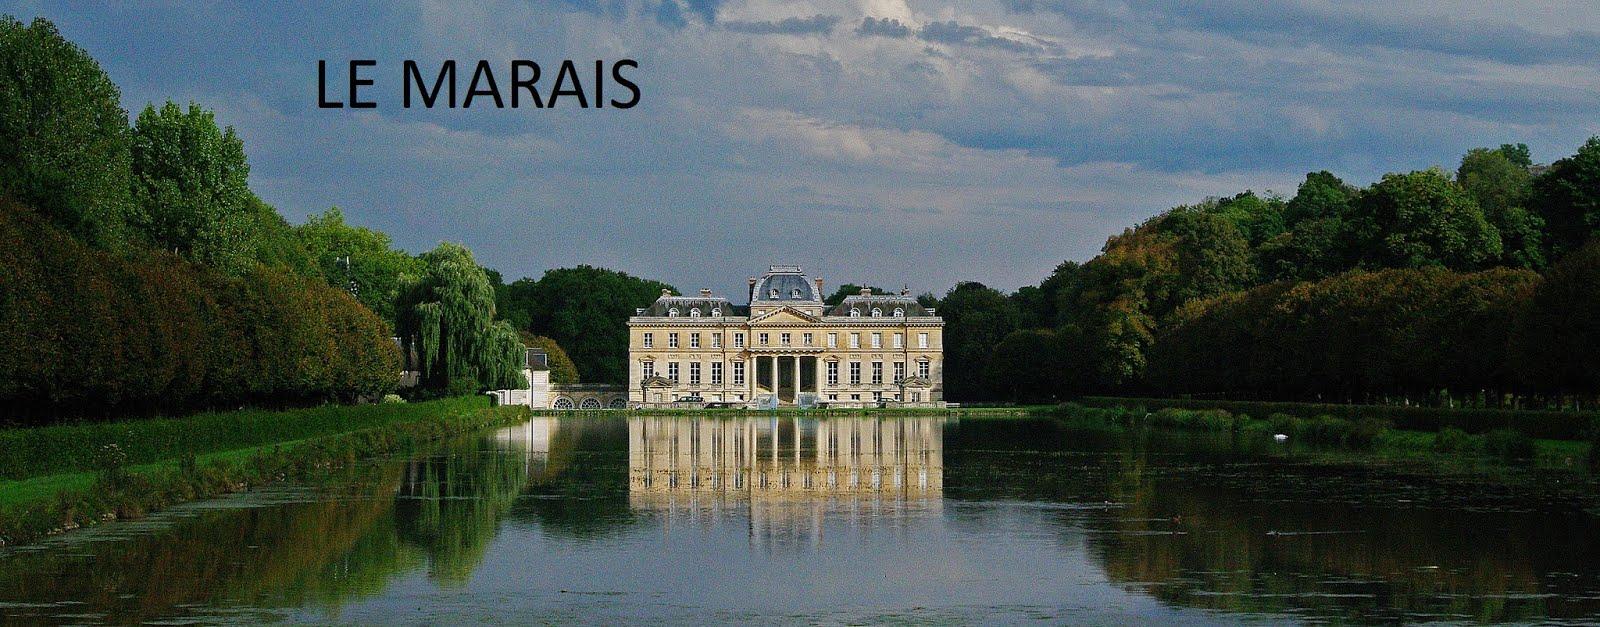 """NOS """" IMAGES DU HUREPOIX"""" A L'HONNEUR DANS LE PARISIEN du 19/9/15"""